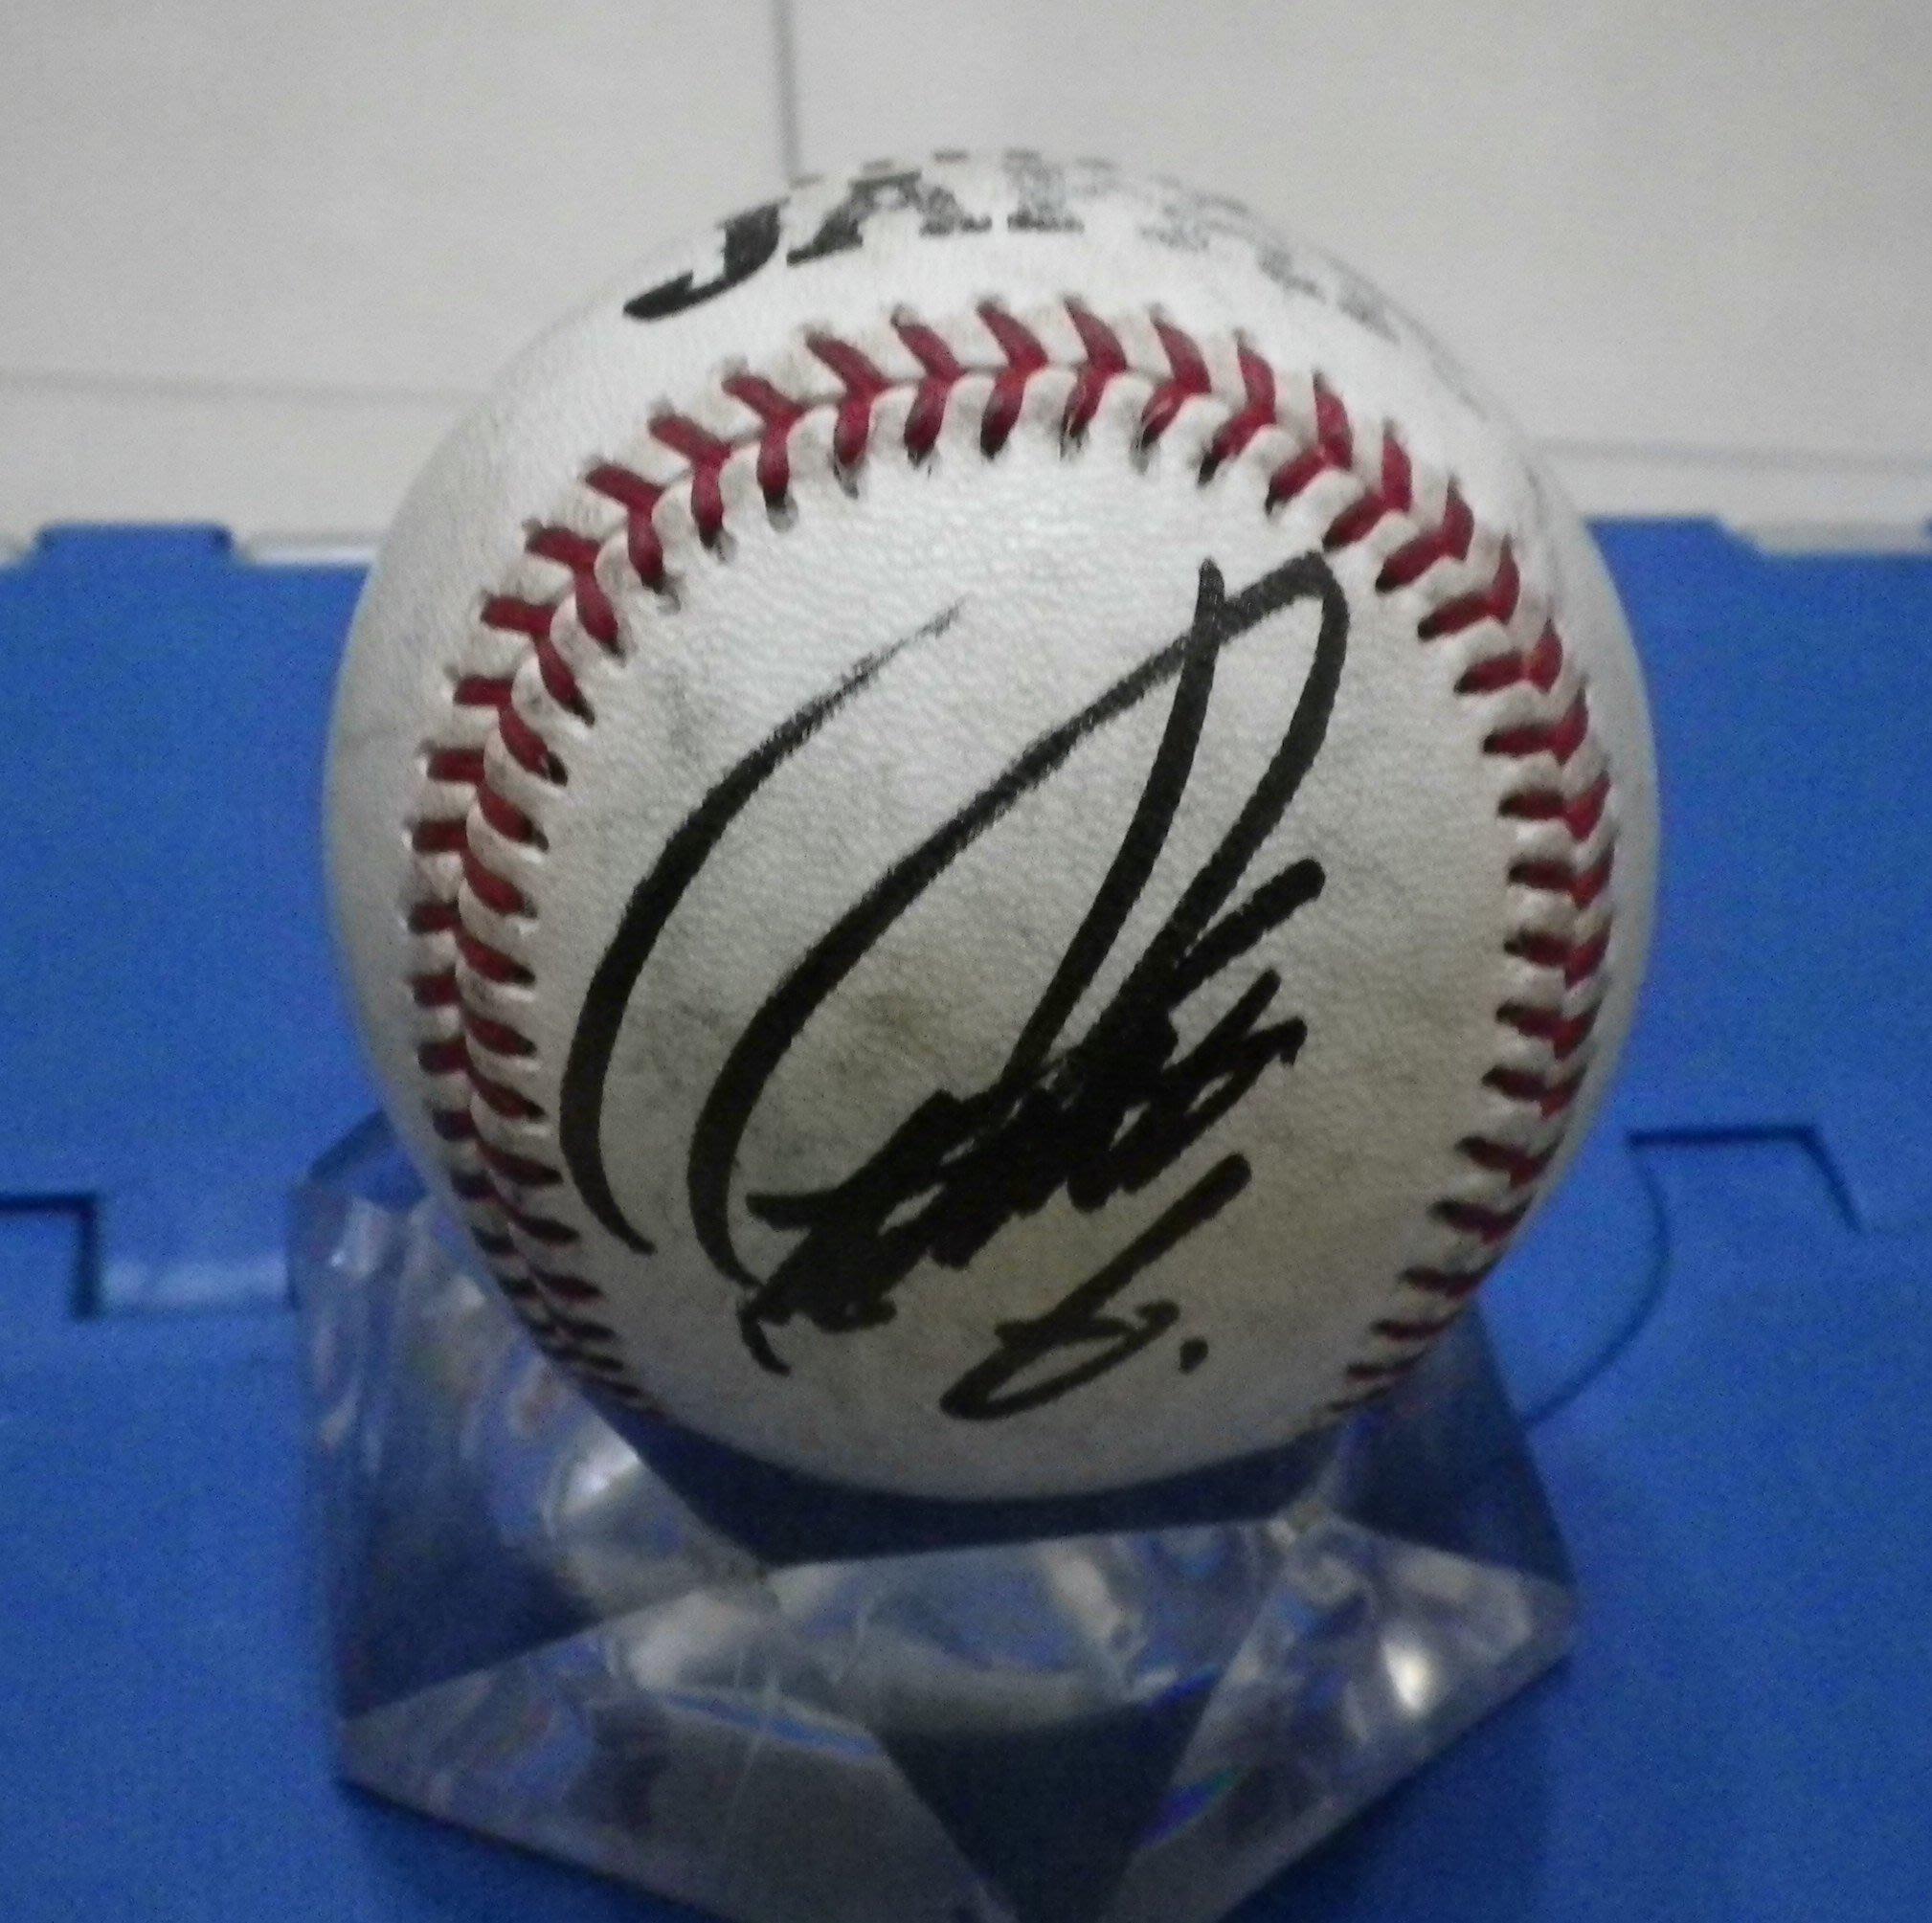 棒球天地--5折賠錢出--世界12強 中田翔 簽名最新版日本國家隊練習球.空運來台....只有1顆